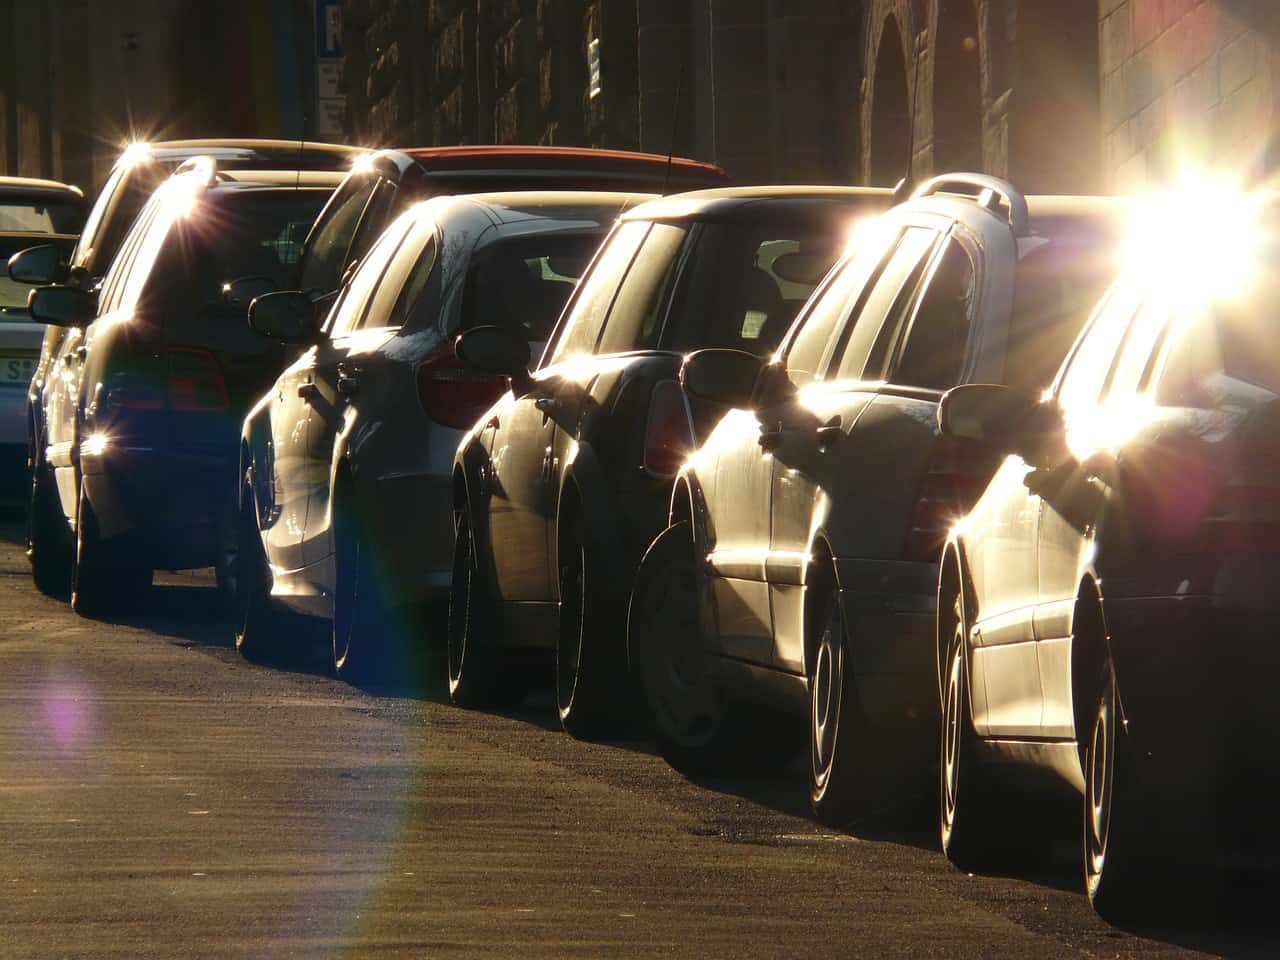 Une voiture est garée devant mon parking, est-ce que je peux appeler la fourrière ?